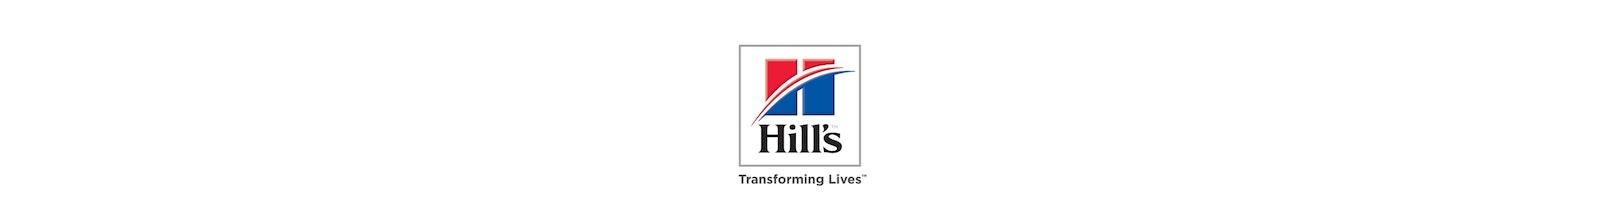 Hill's Petfood logo